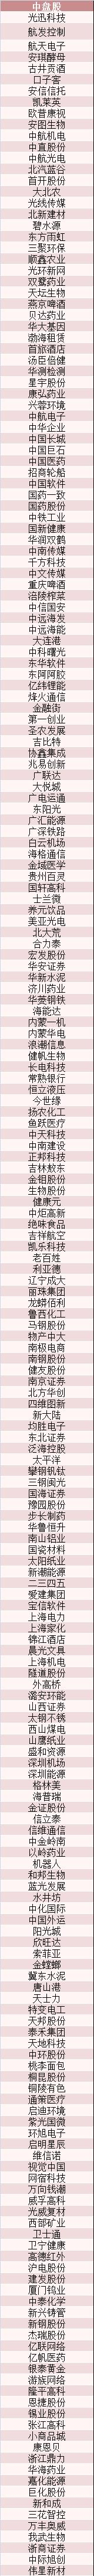 cc彩球网官网app下载·汪涌豪:一个流浪的人怎么就成了大师?该反思今天我们怎么做学问